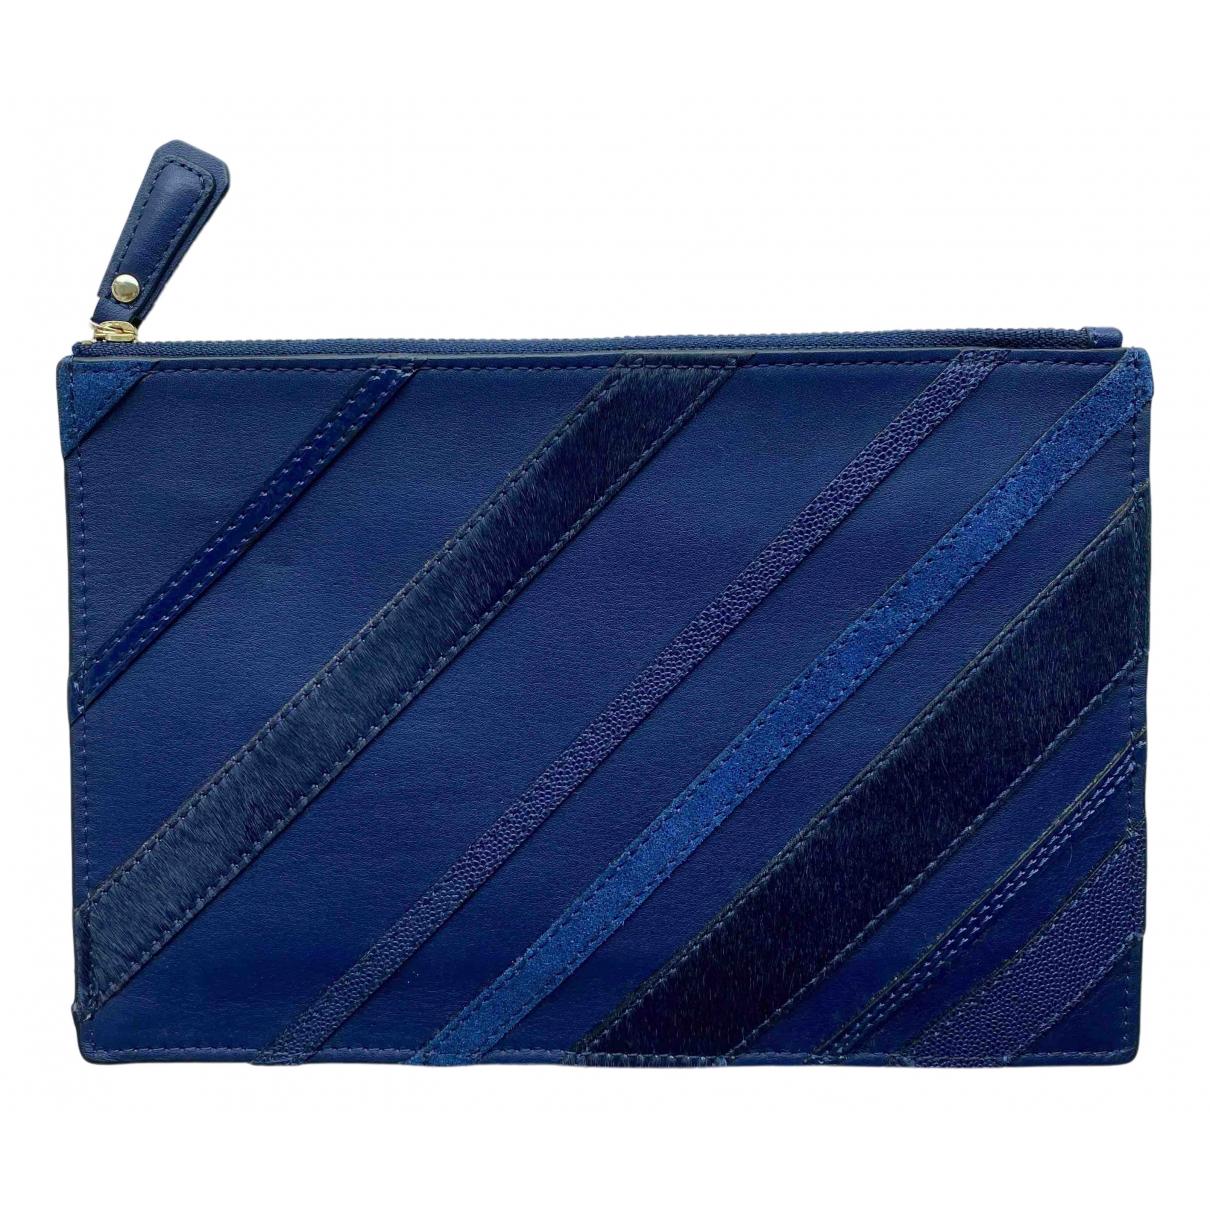 Diane Von Furstenberg \N Clutch in  Blau Leder